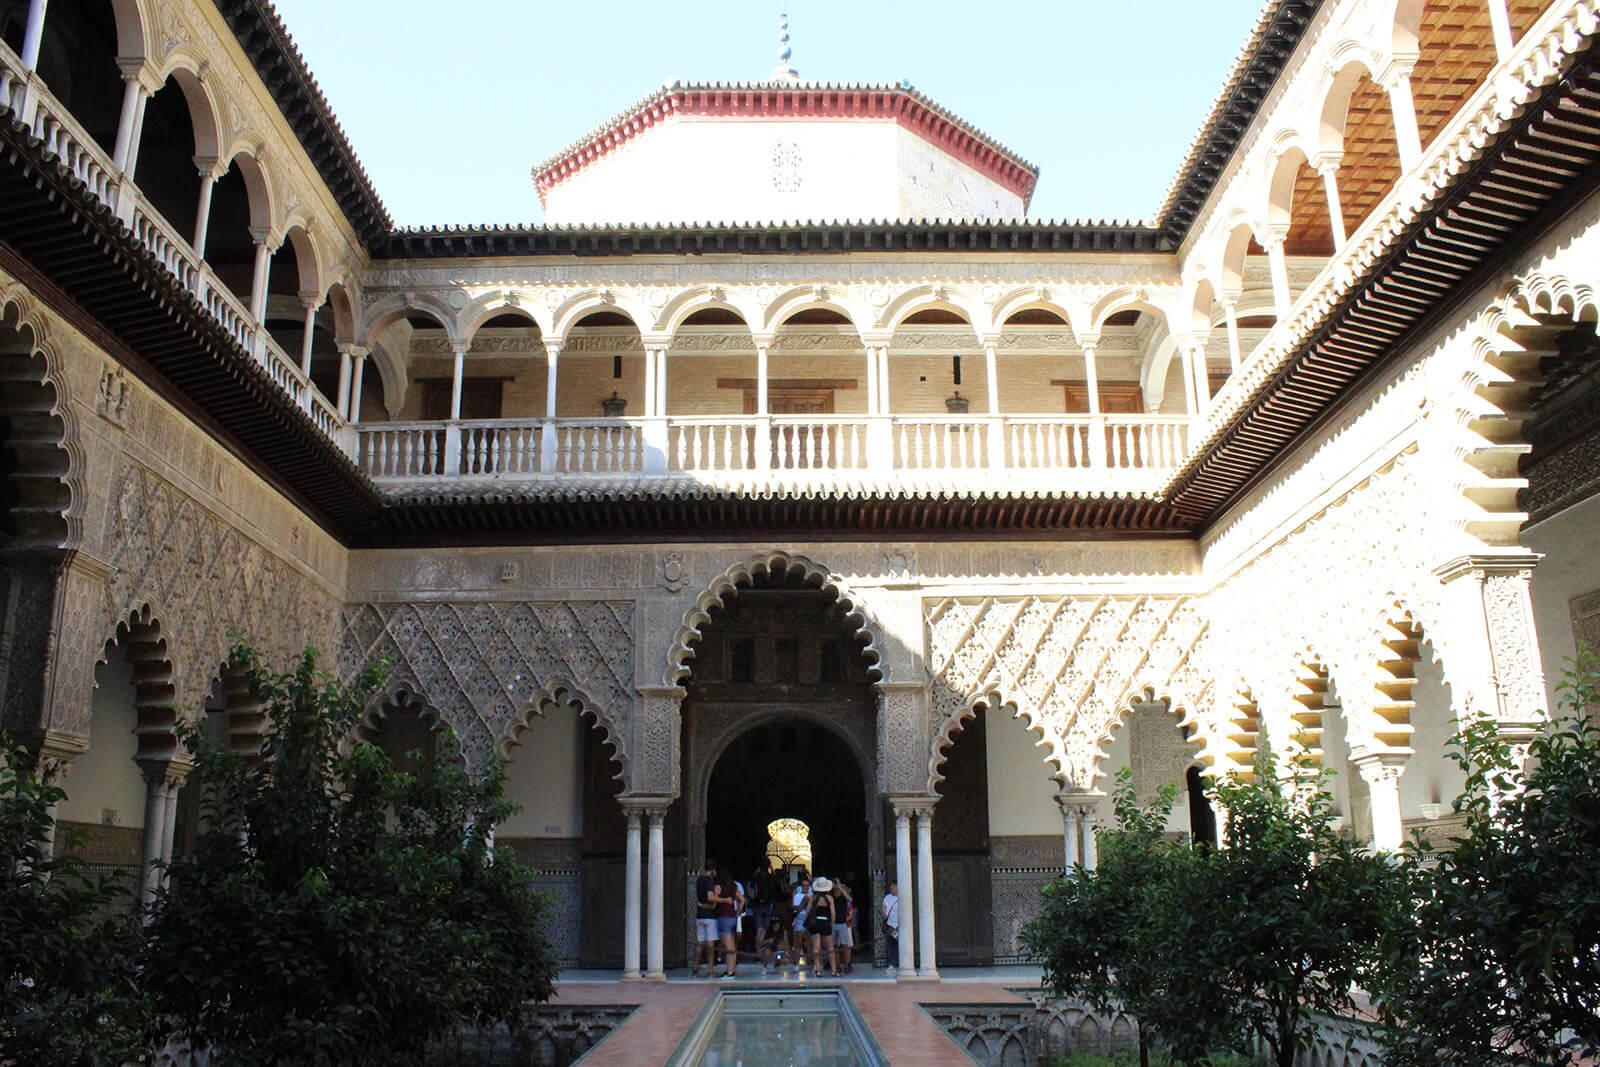 Cosa vedere a Siviglia? Guida alla scoperta della capitale Andalusa